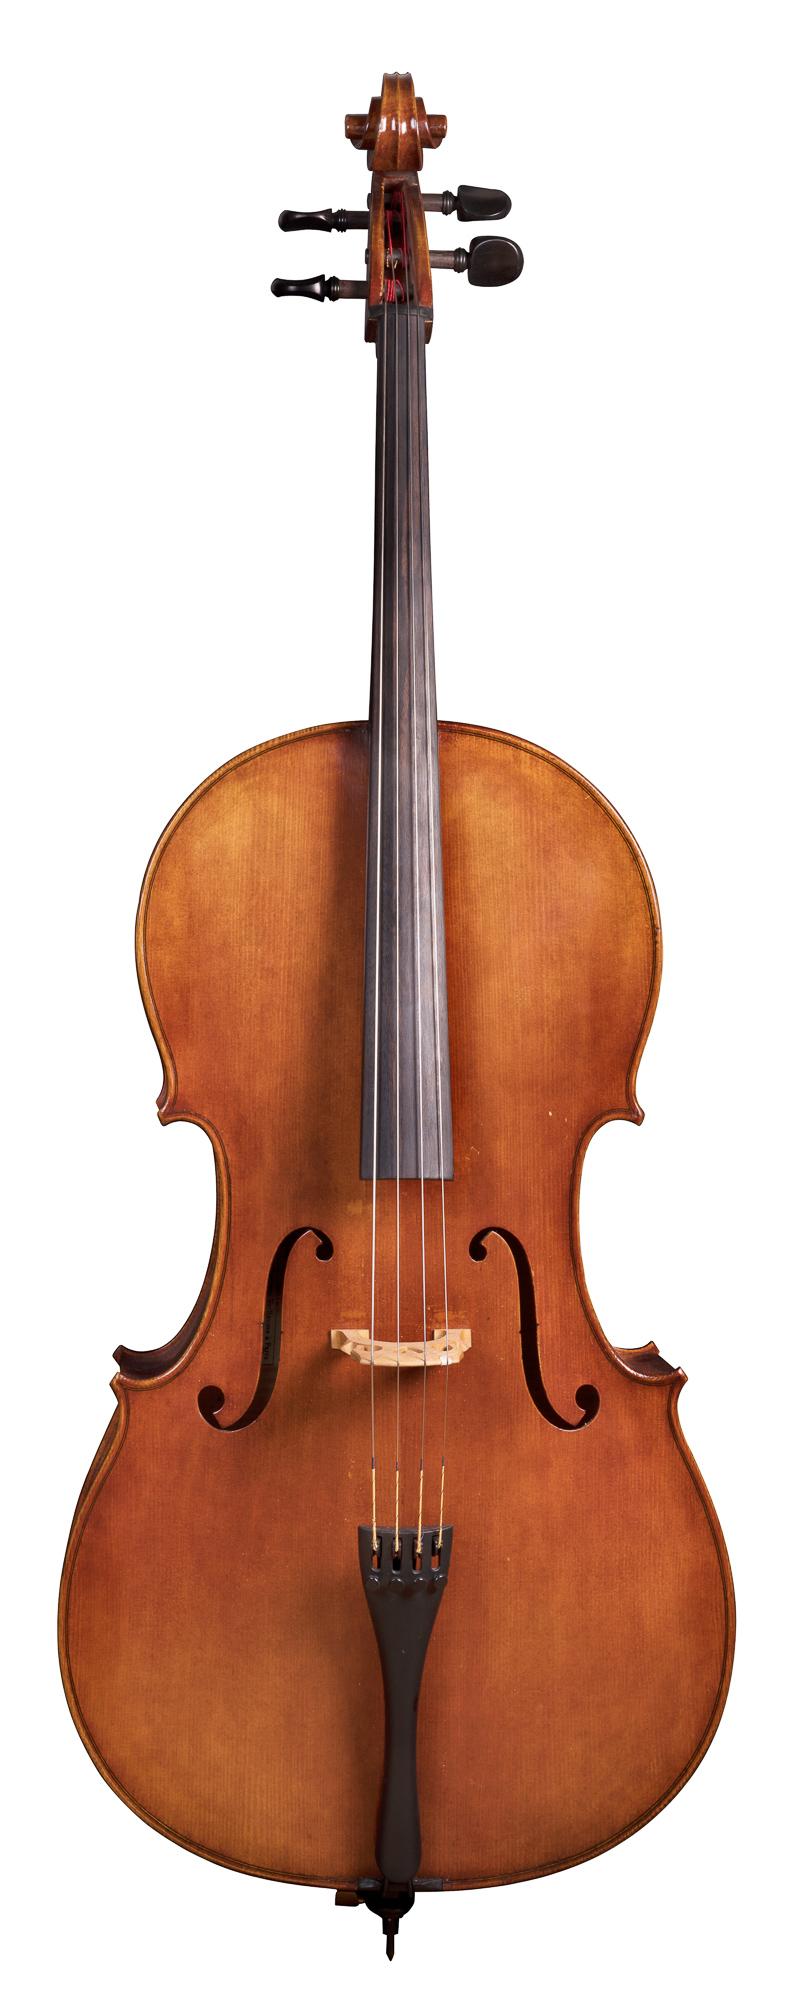 Vivaldi 400 series cello